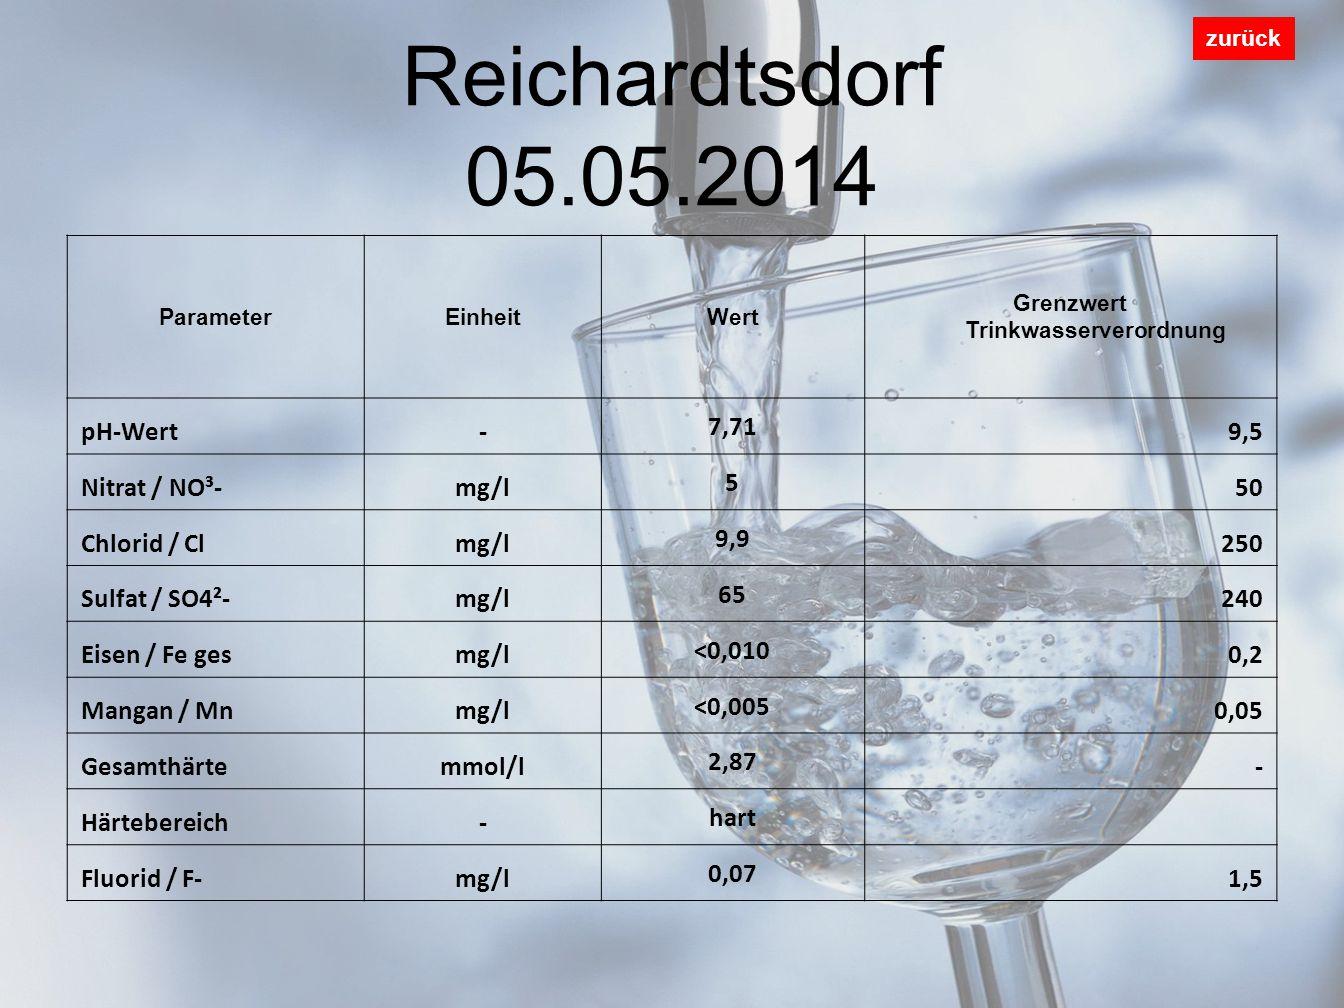 Reichardtsdorf 05.05.2014 zurück ParameterEinheitWert Grenzwert Trinkwasserverordnung pH-Wert- 7,71 9,5 Nitrat / NO³-mg/l 5 50 Chlorid / Clmg/l 9,9 25